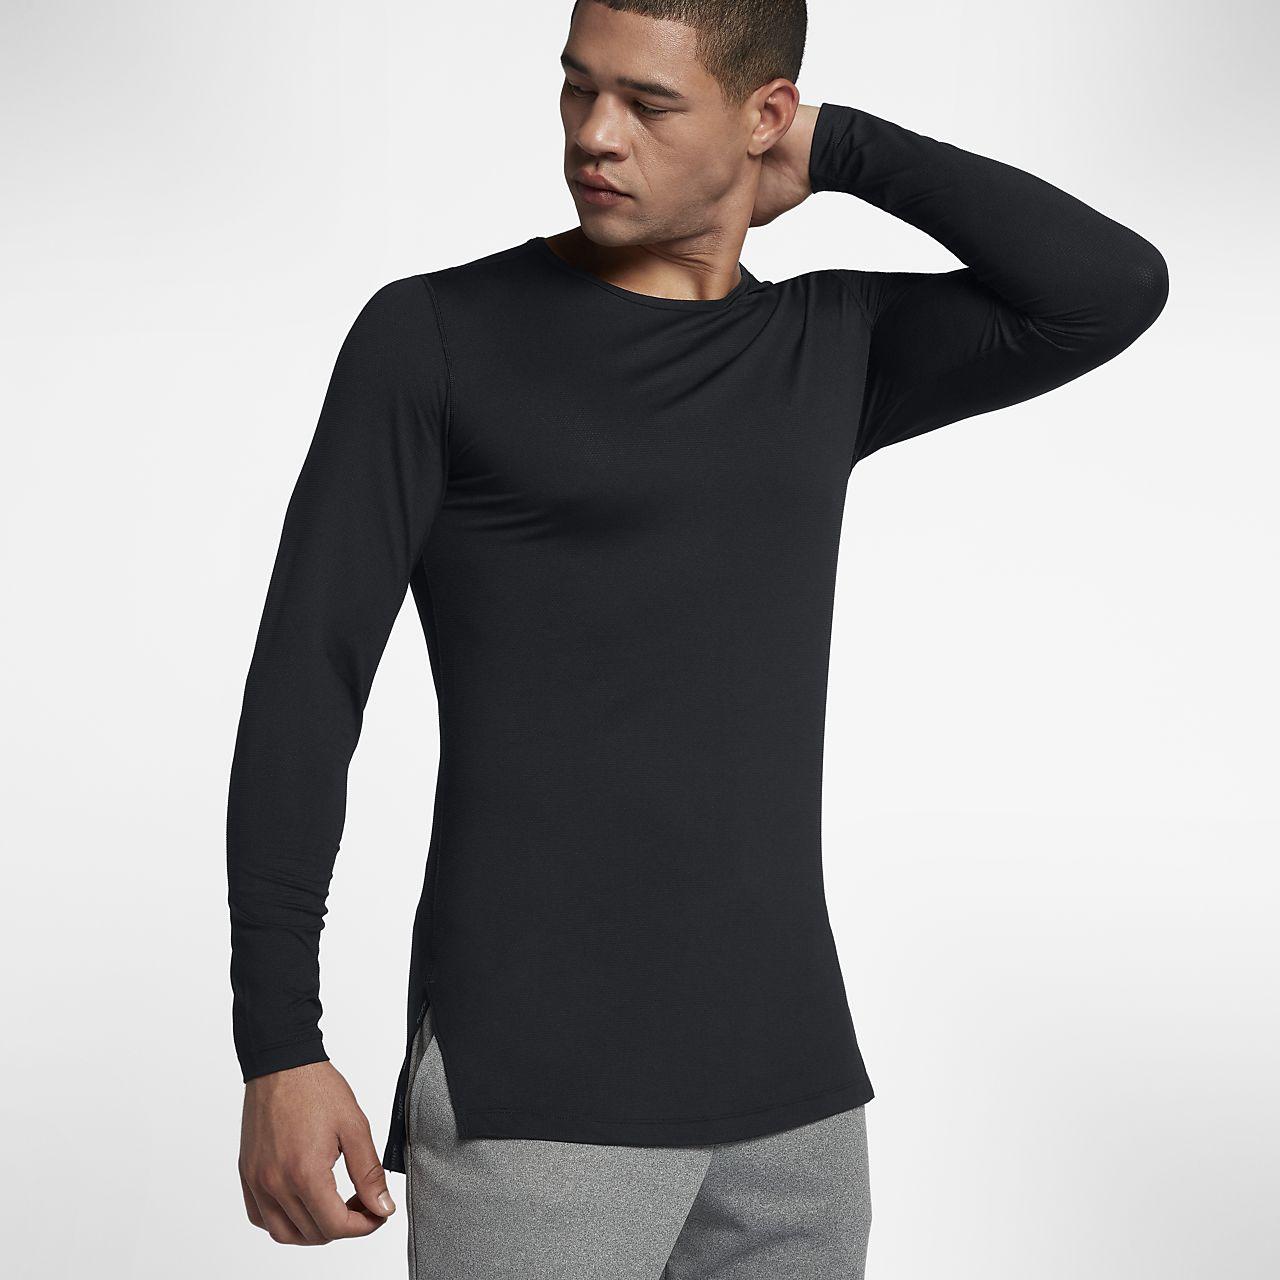 d95e768fe40b9 Nike Dri-FIT Men s Utility Long-Sleeve Training Top. Nike.com CZ